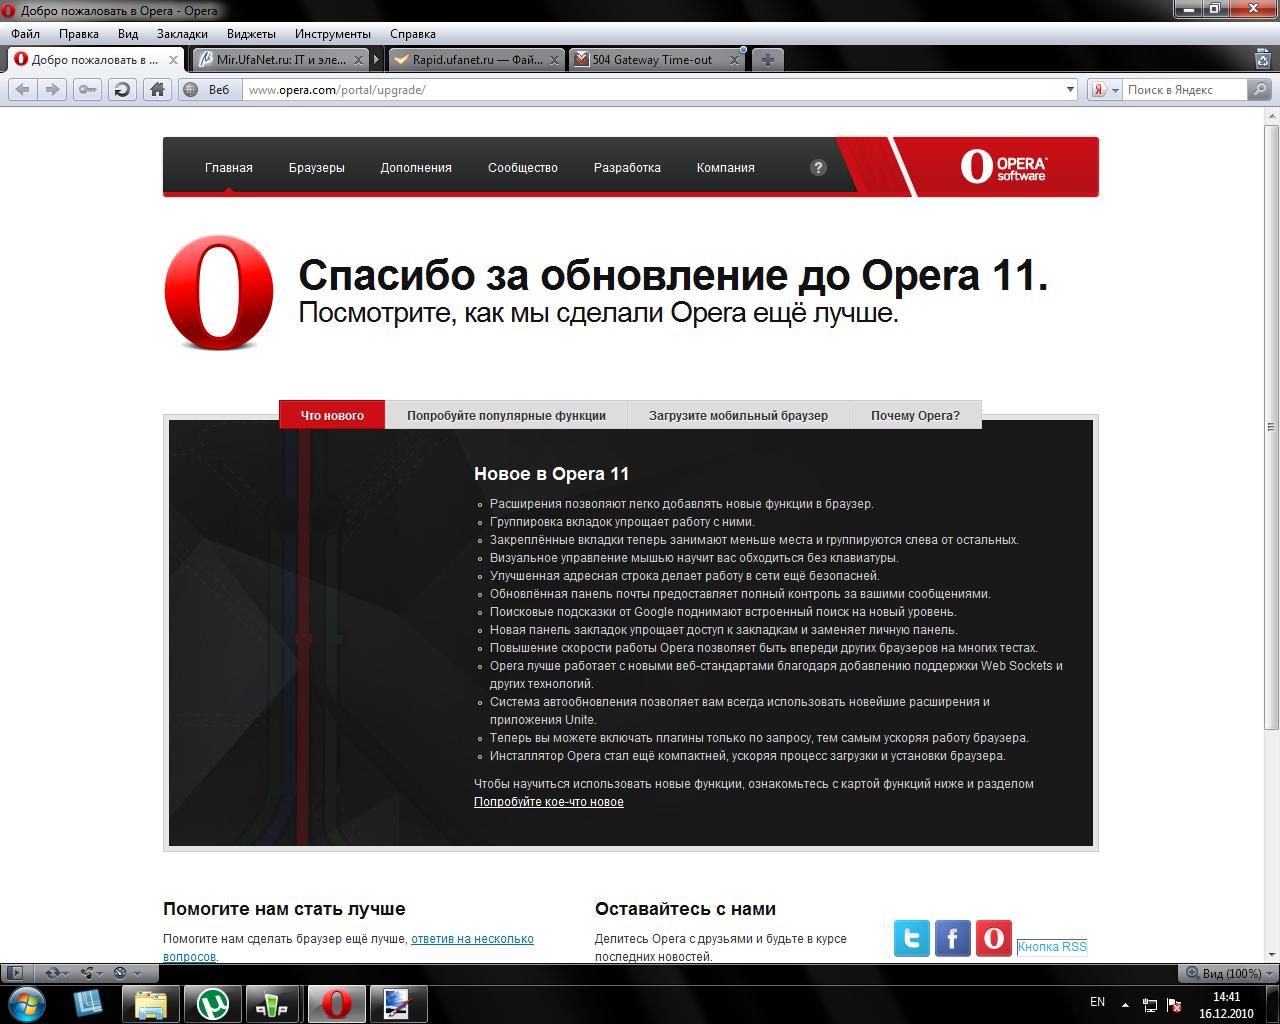 Адресная строка Opera forums 97